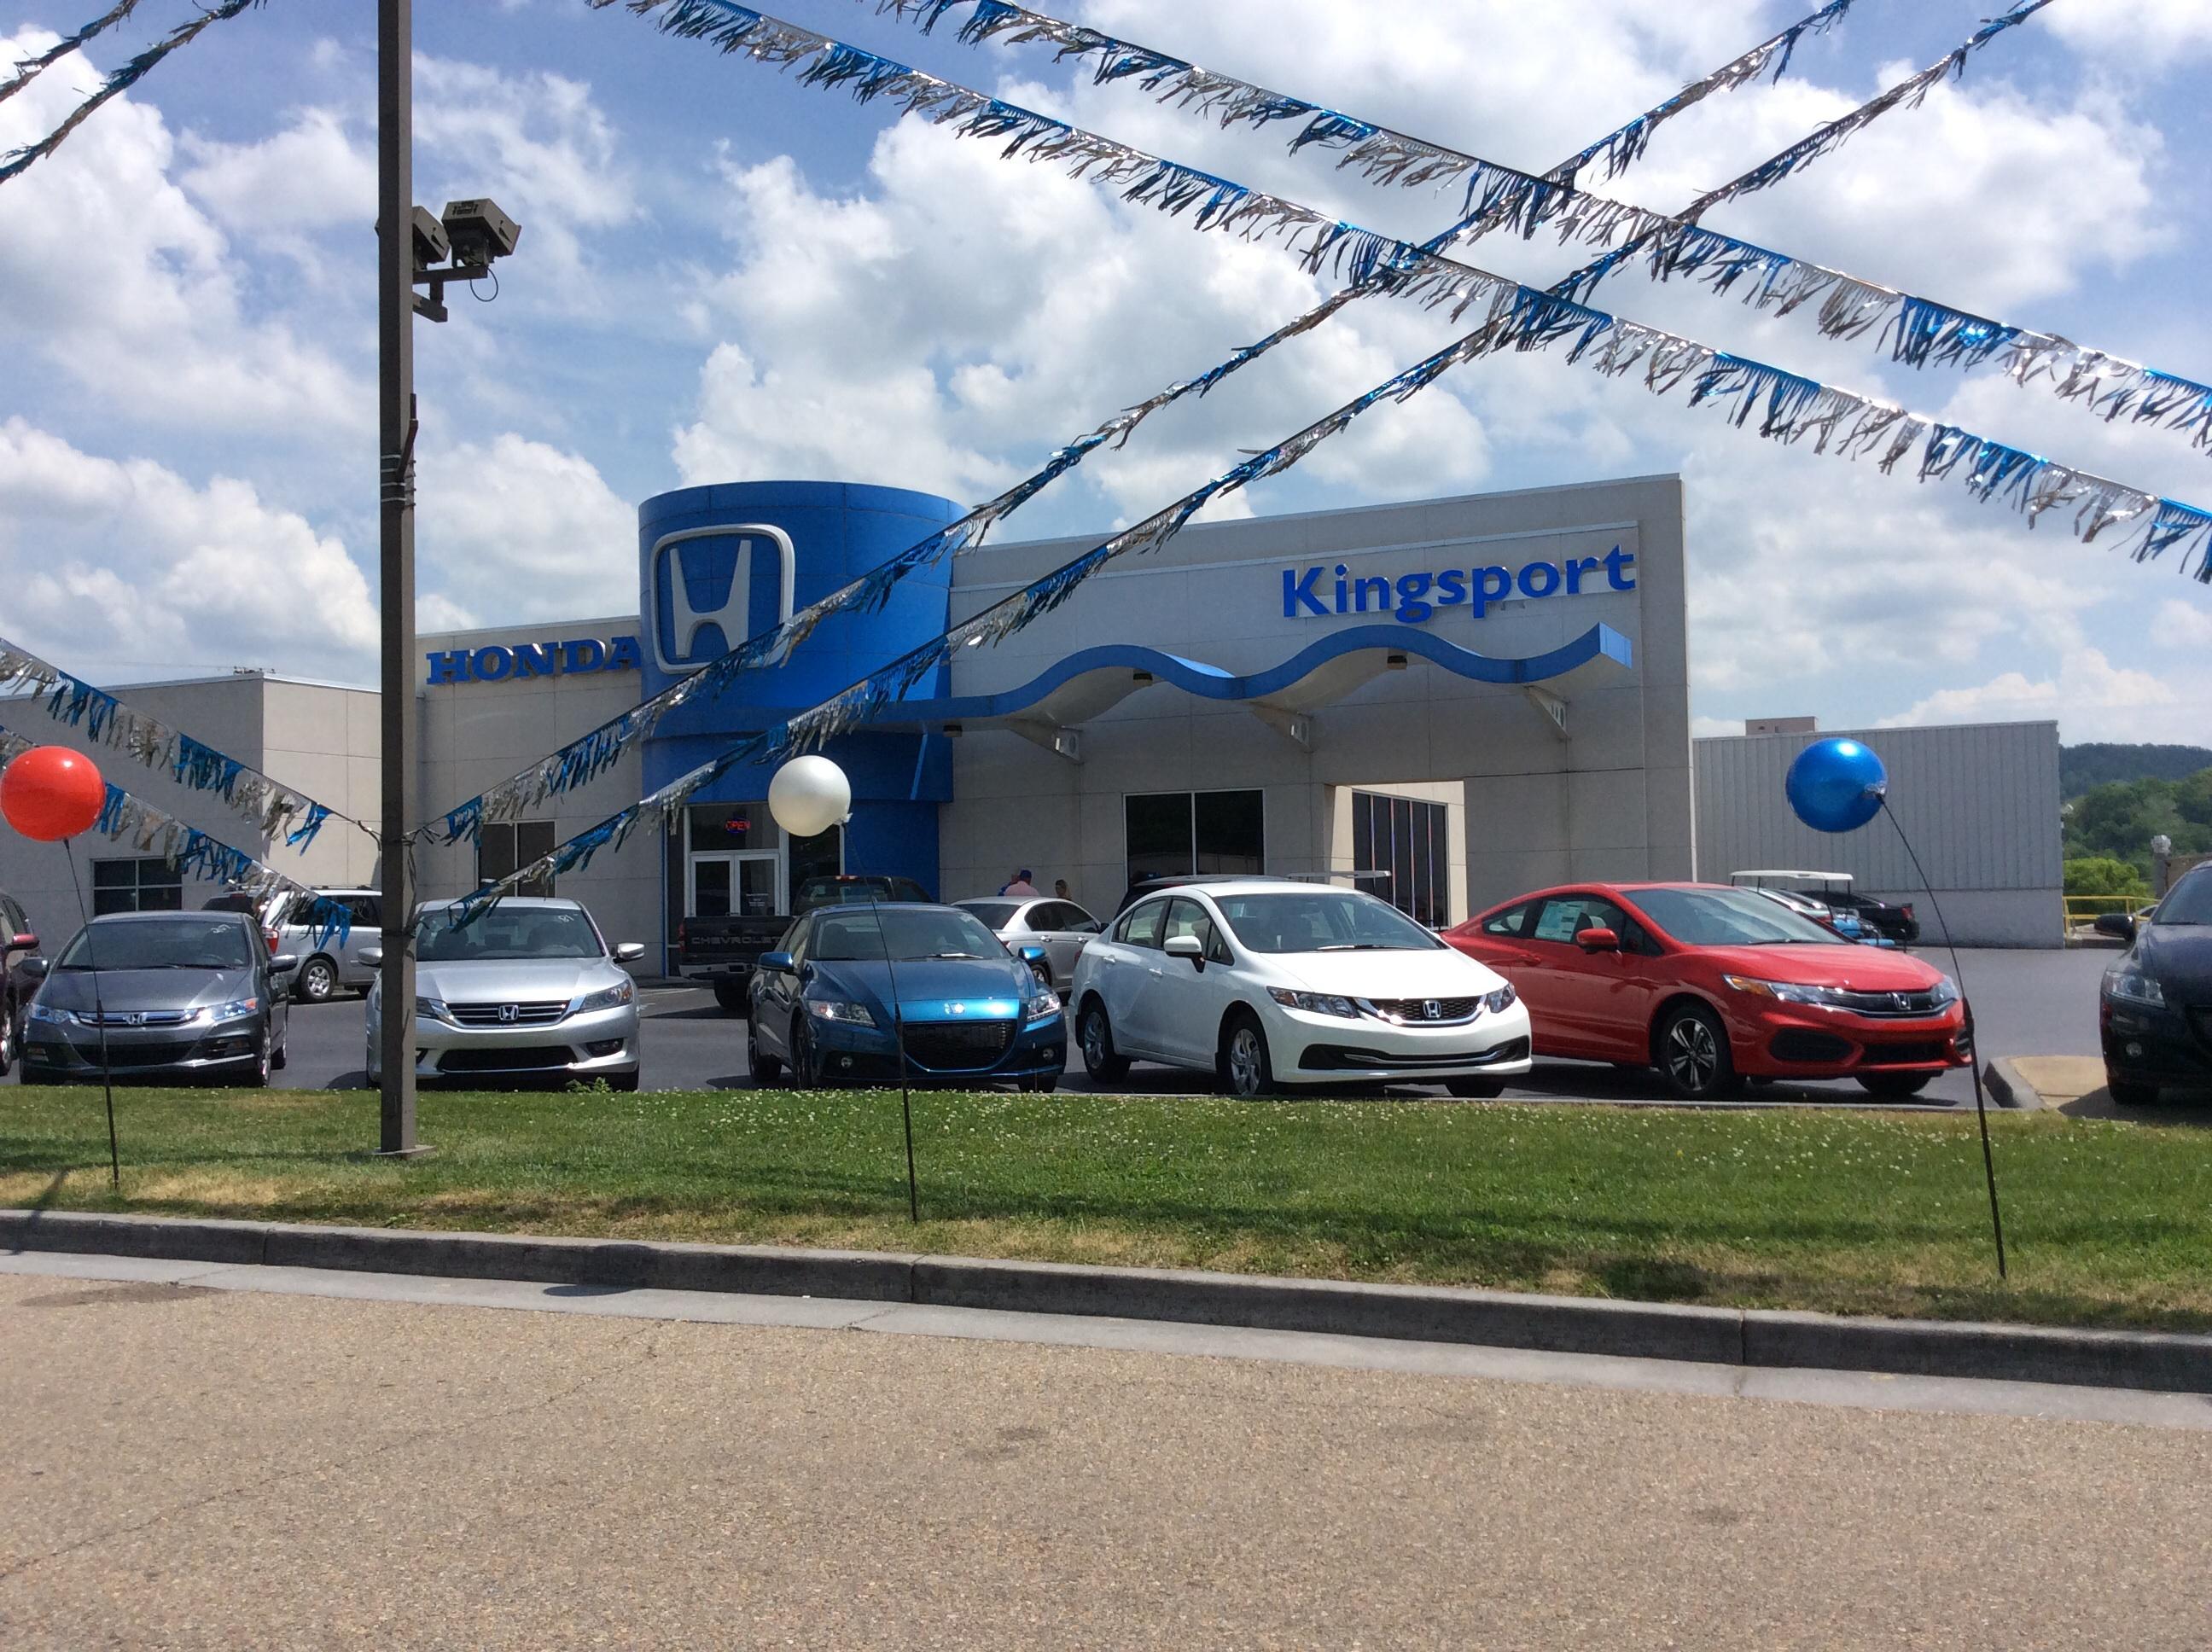 honda kingsport in kingsport tn 855 876 1. Black Bedroom Furniture Sets. Home Design Ideas